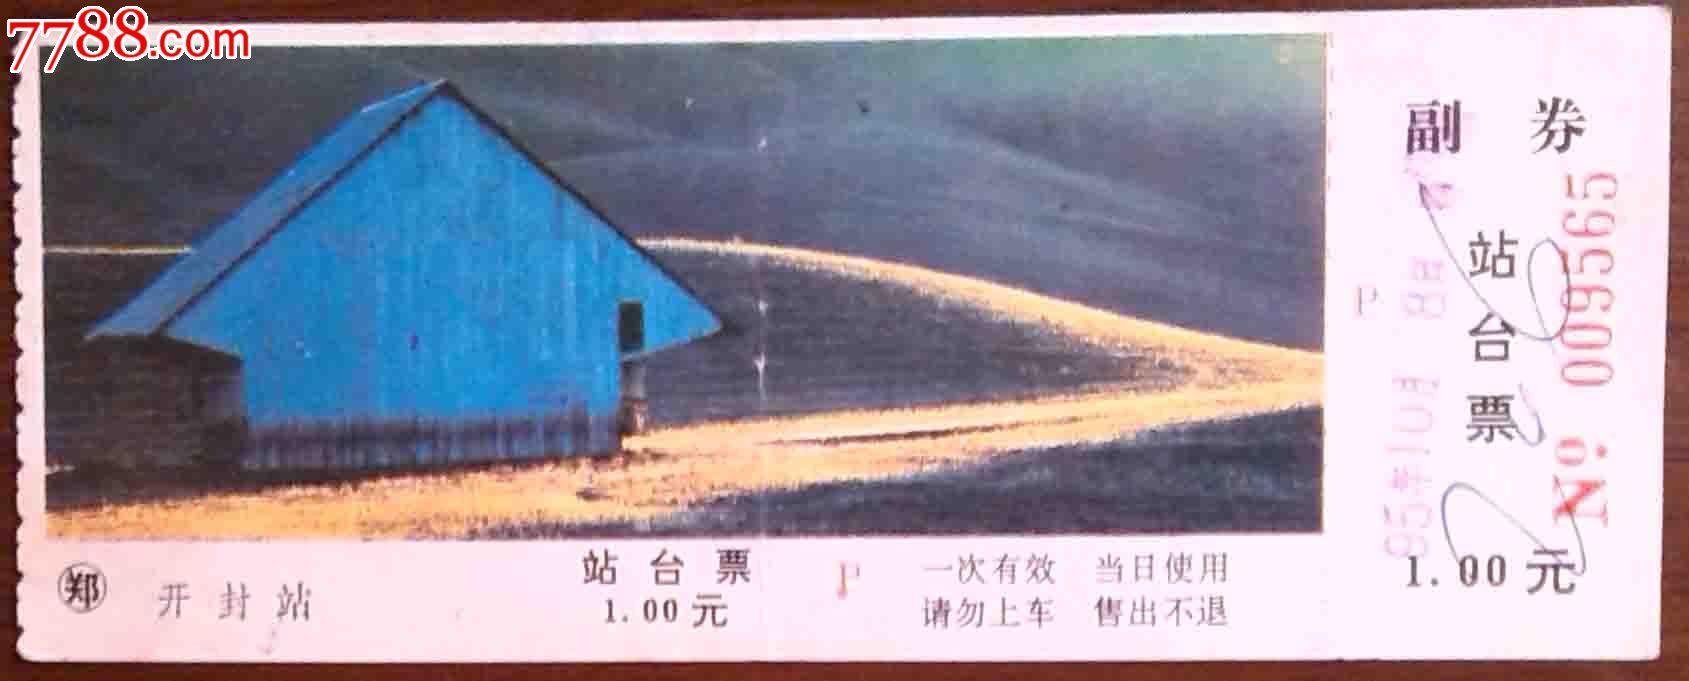 蓝色--木板房_价格1元【秦城集藏】